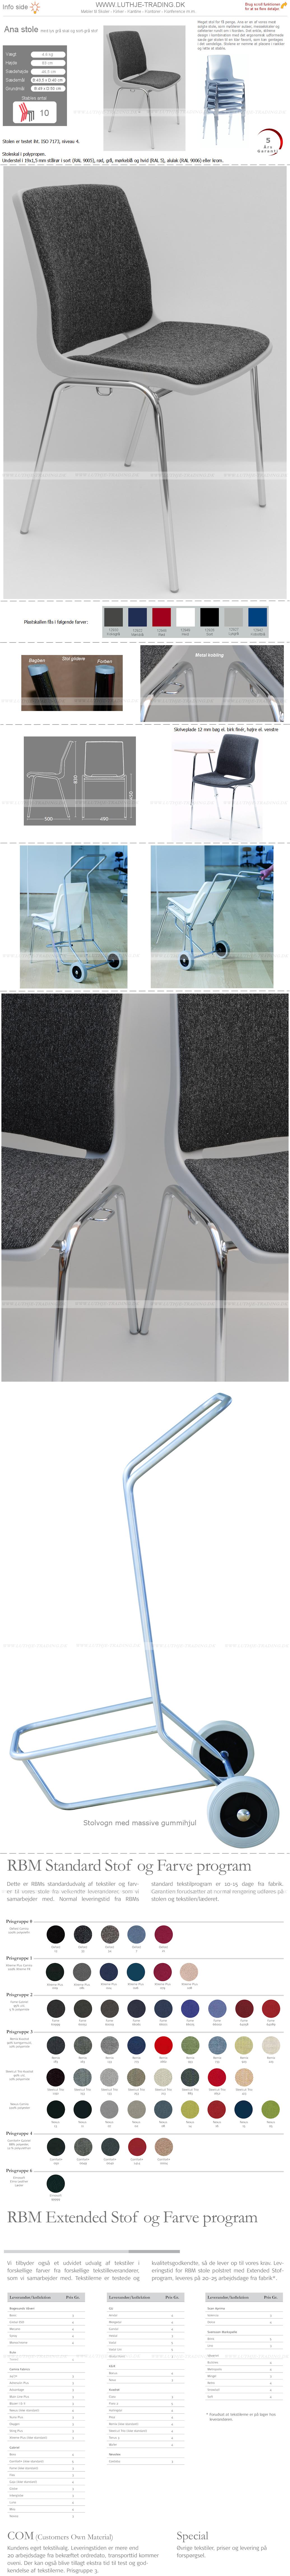 Ana stol med polster sort-grå og lys grå plastskal. Ana stole med polster stabler op til 10 stk. og der fås en vogn til stolene. Vi giver gerne det bedste tilbud på en Ana stol.